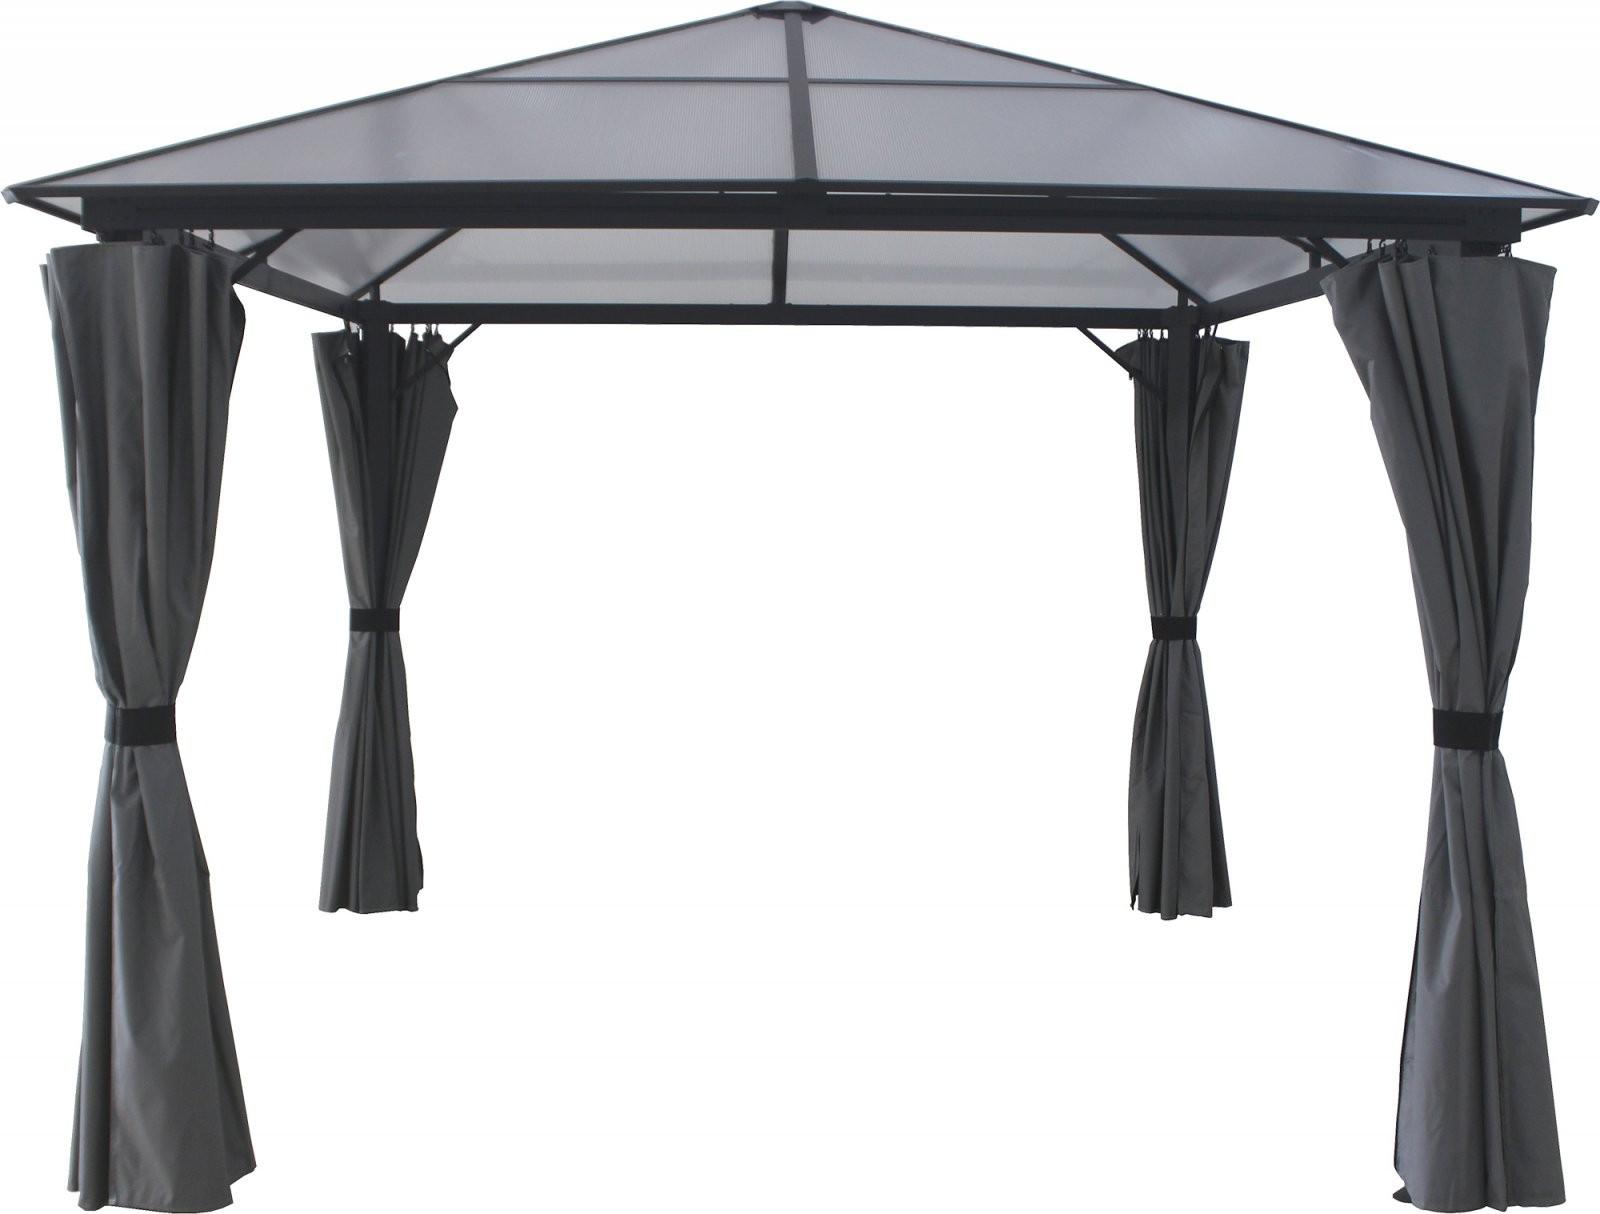 Pavillon  Zubehör Günstig Online Kaufen  Globus Baumarkt von Sonnenschutz Pavillon Mit Faltdach Bild